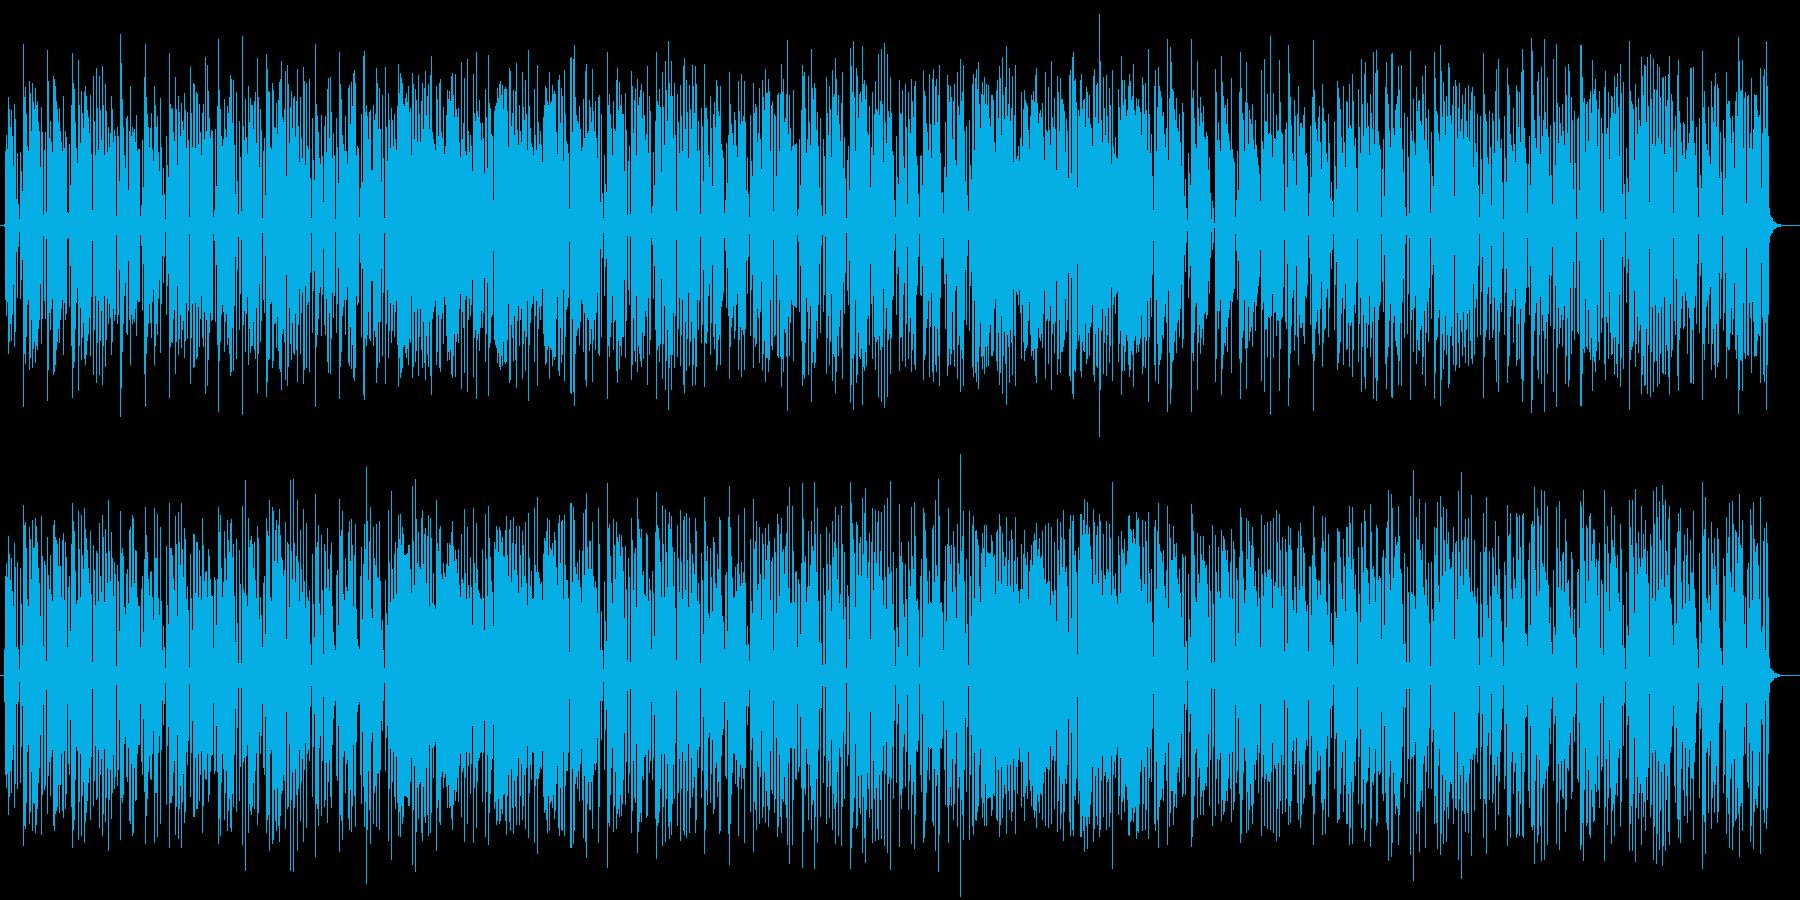 ゆるやかで可愛らしいポップミュージックの再生済みの波形